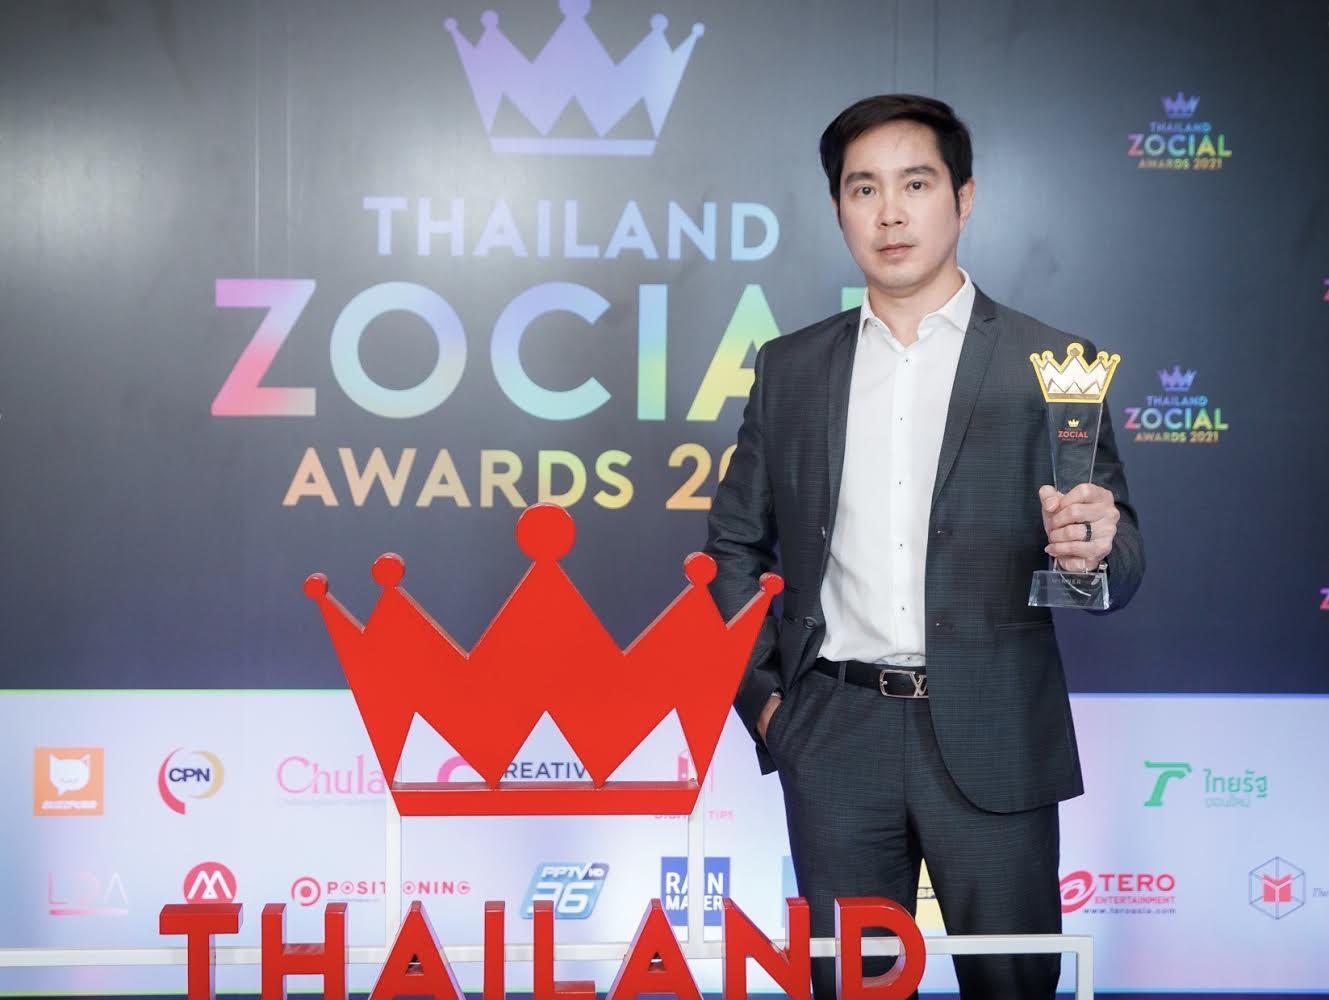 กรุงไทย คว้ารางวัล BEST BRAND PERFORMANCE ON SOCIAL MEDIA ประเภทธุรกิจธนาคาร